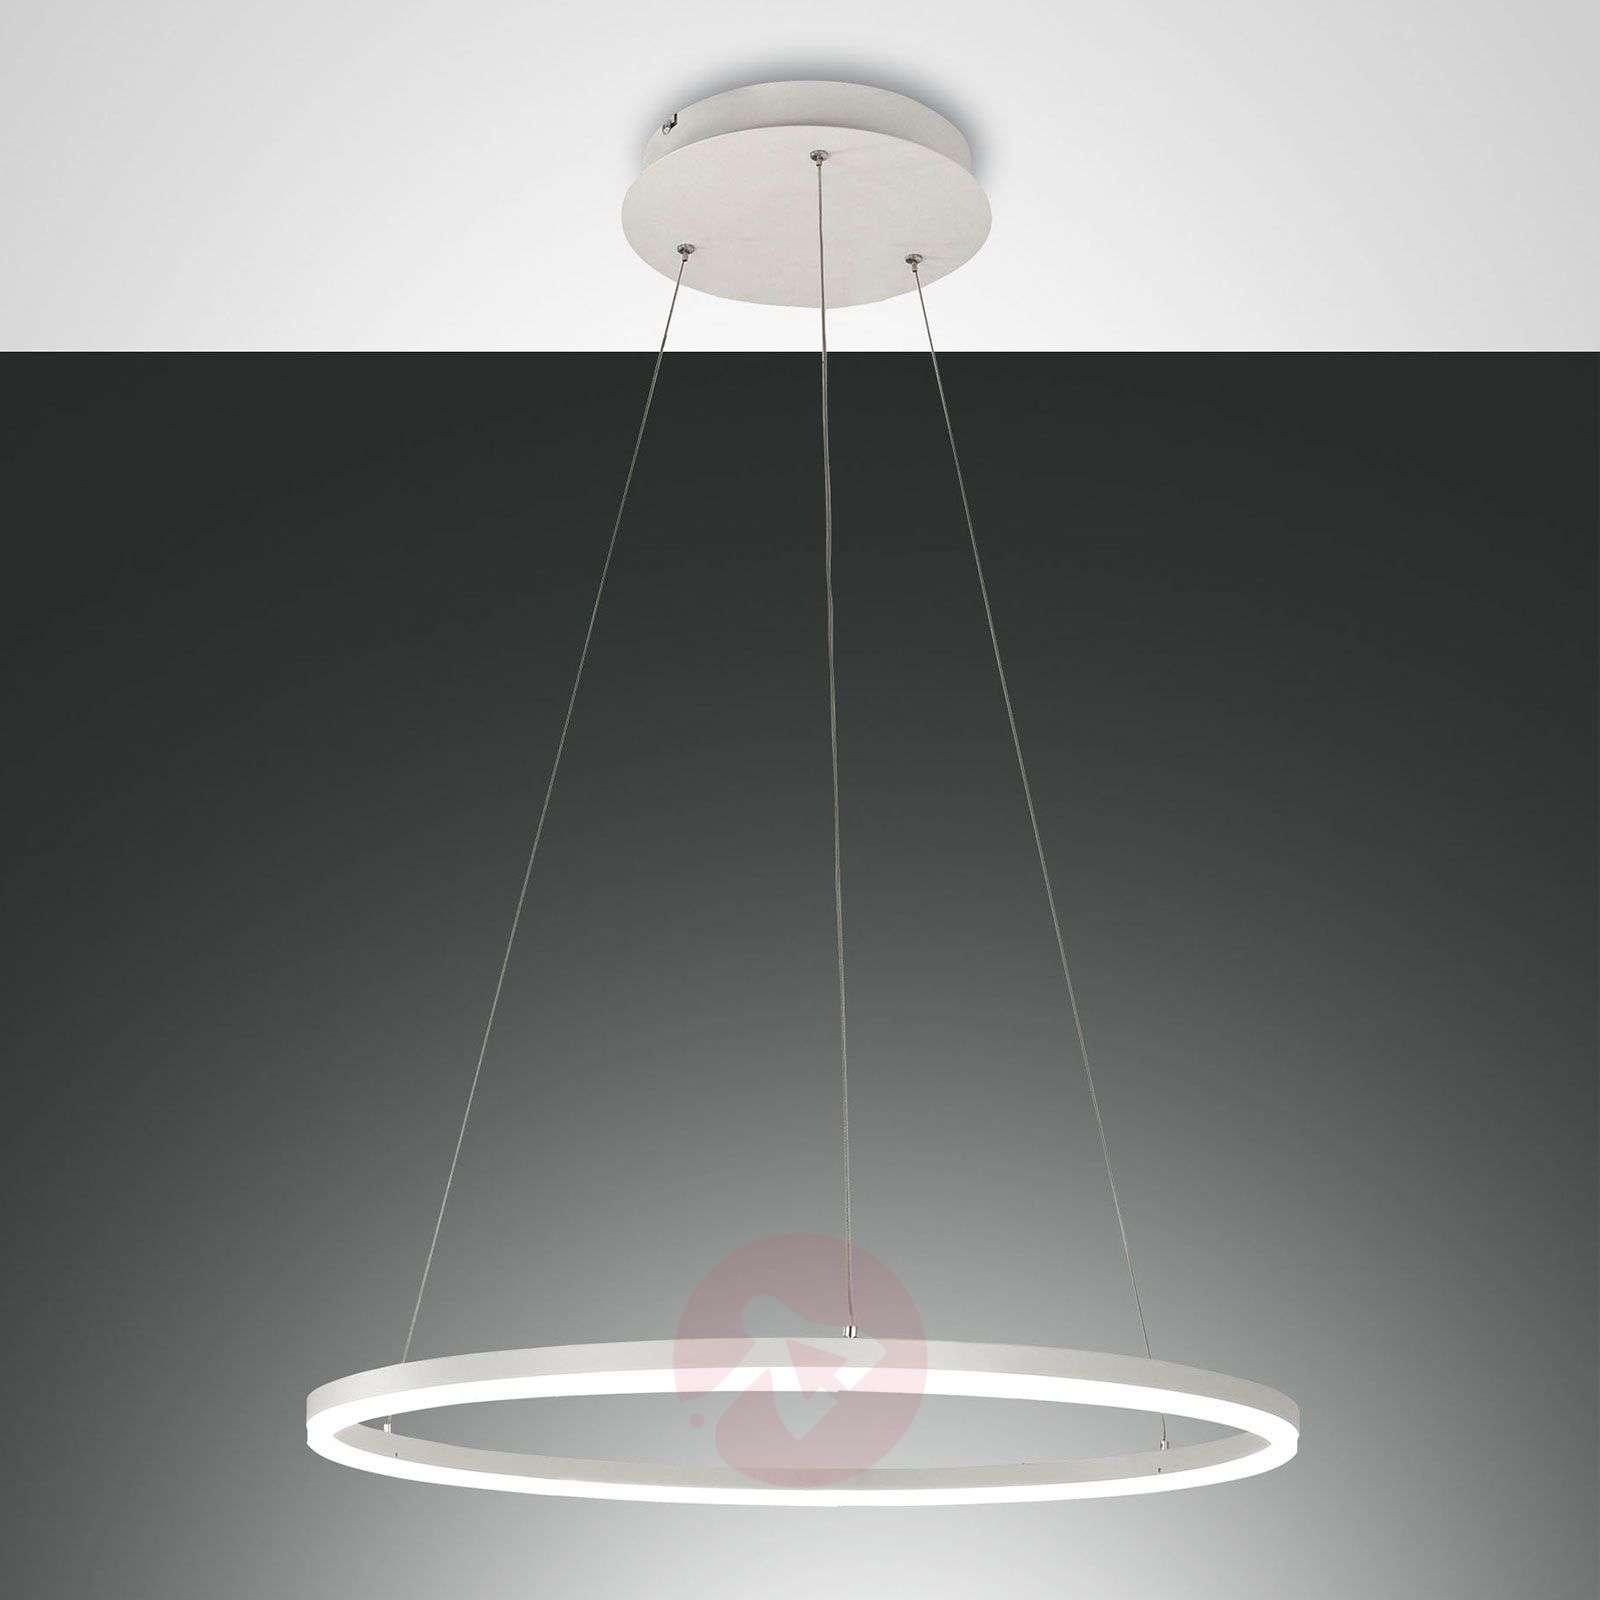 Giotto-LED-riippuvalaisin, 1-lamppuinen, valkoinen-3502702-01